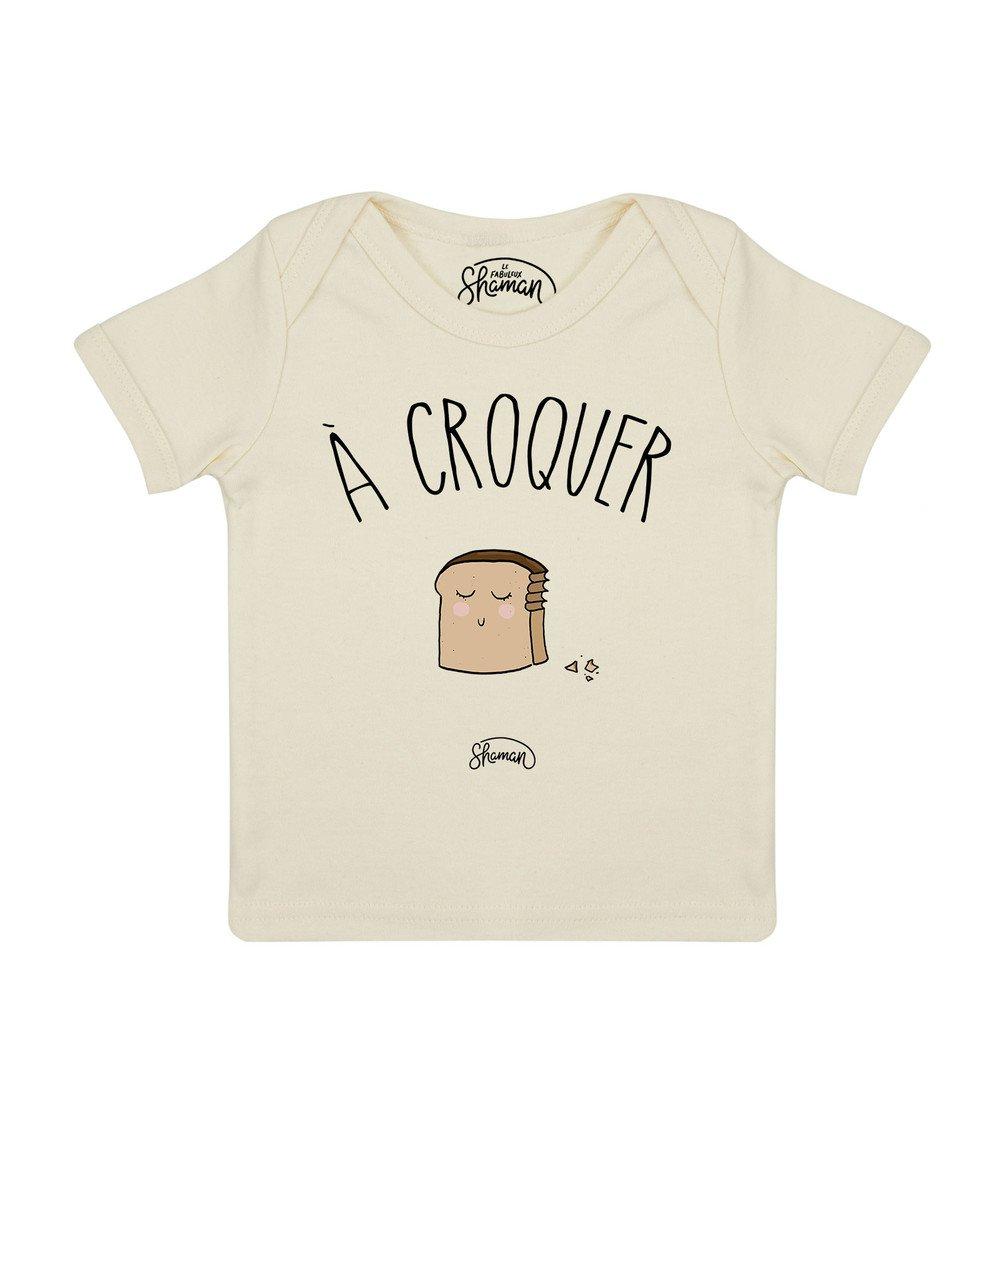 Tee shirt A croquer